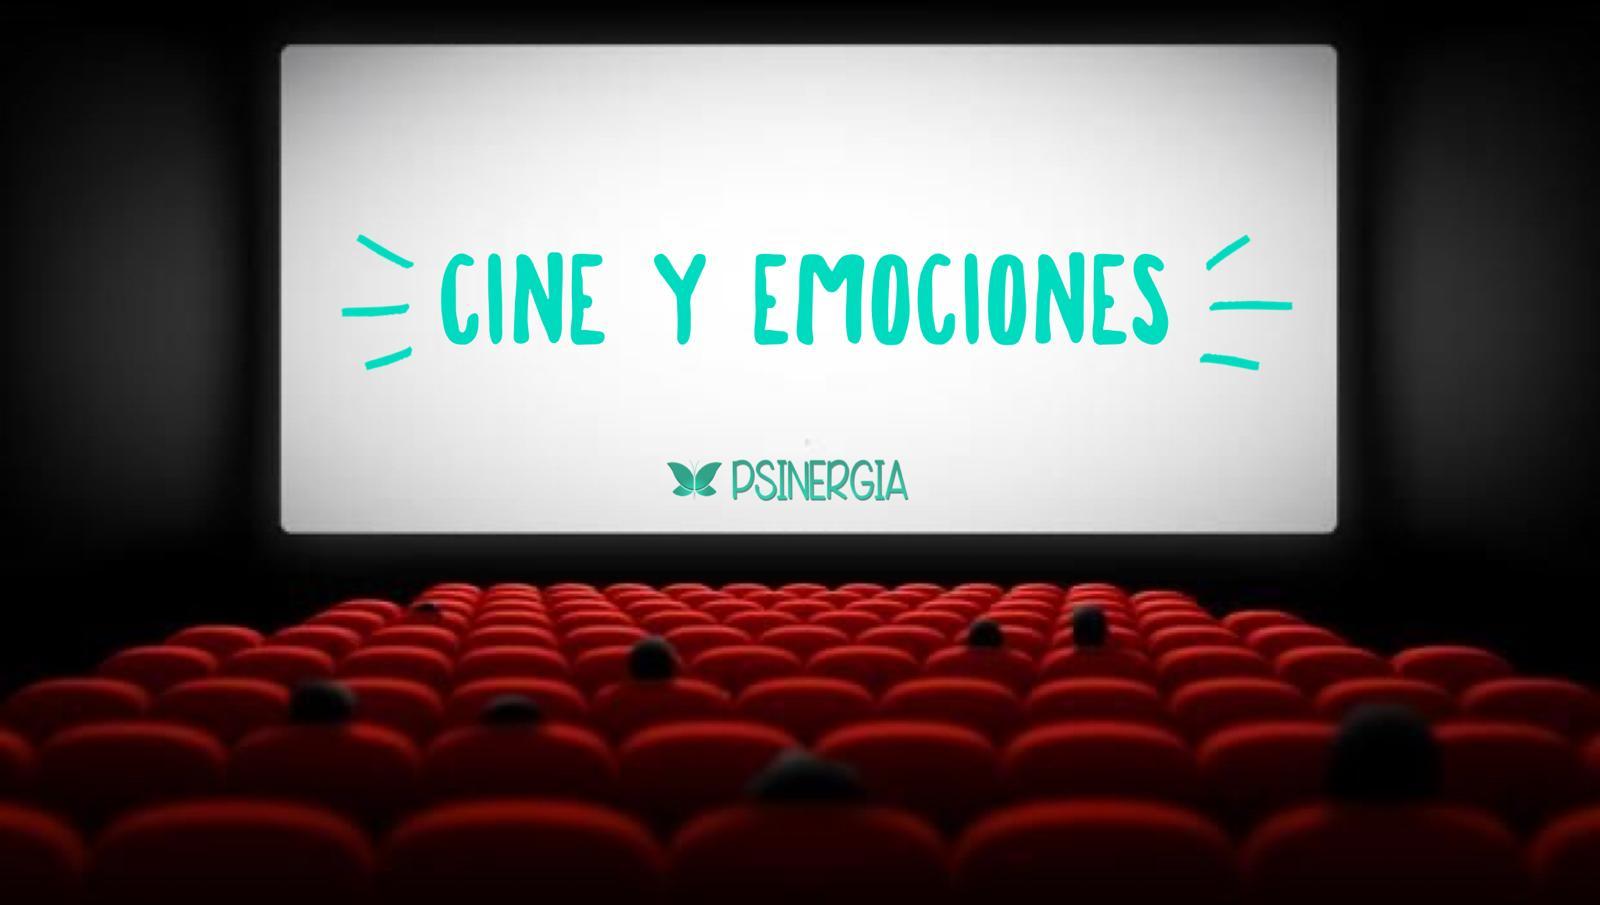 Cine y emociones en tiempos del coronavirus